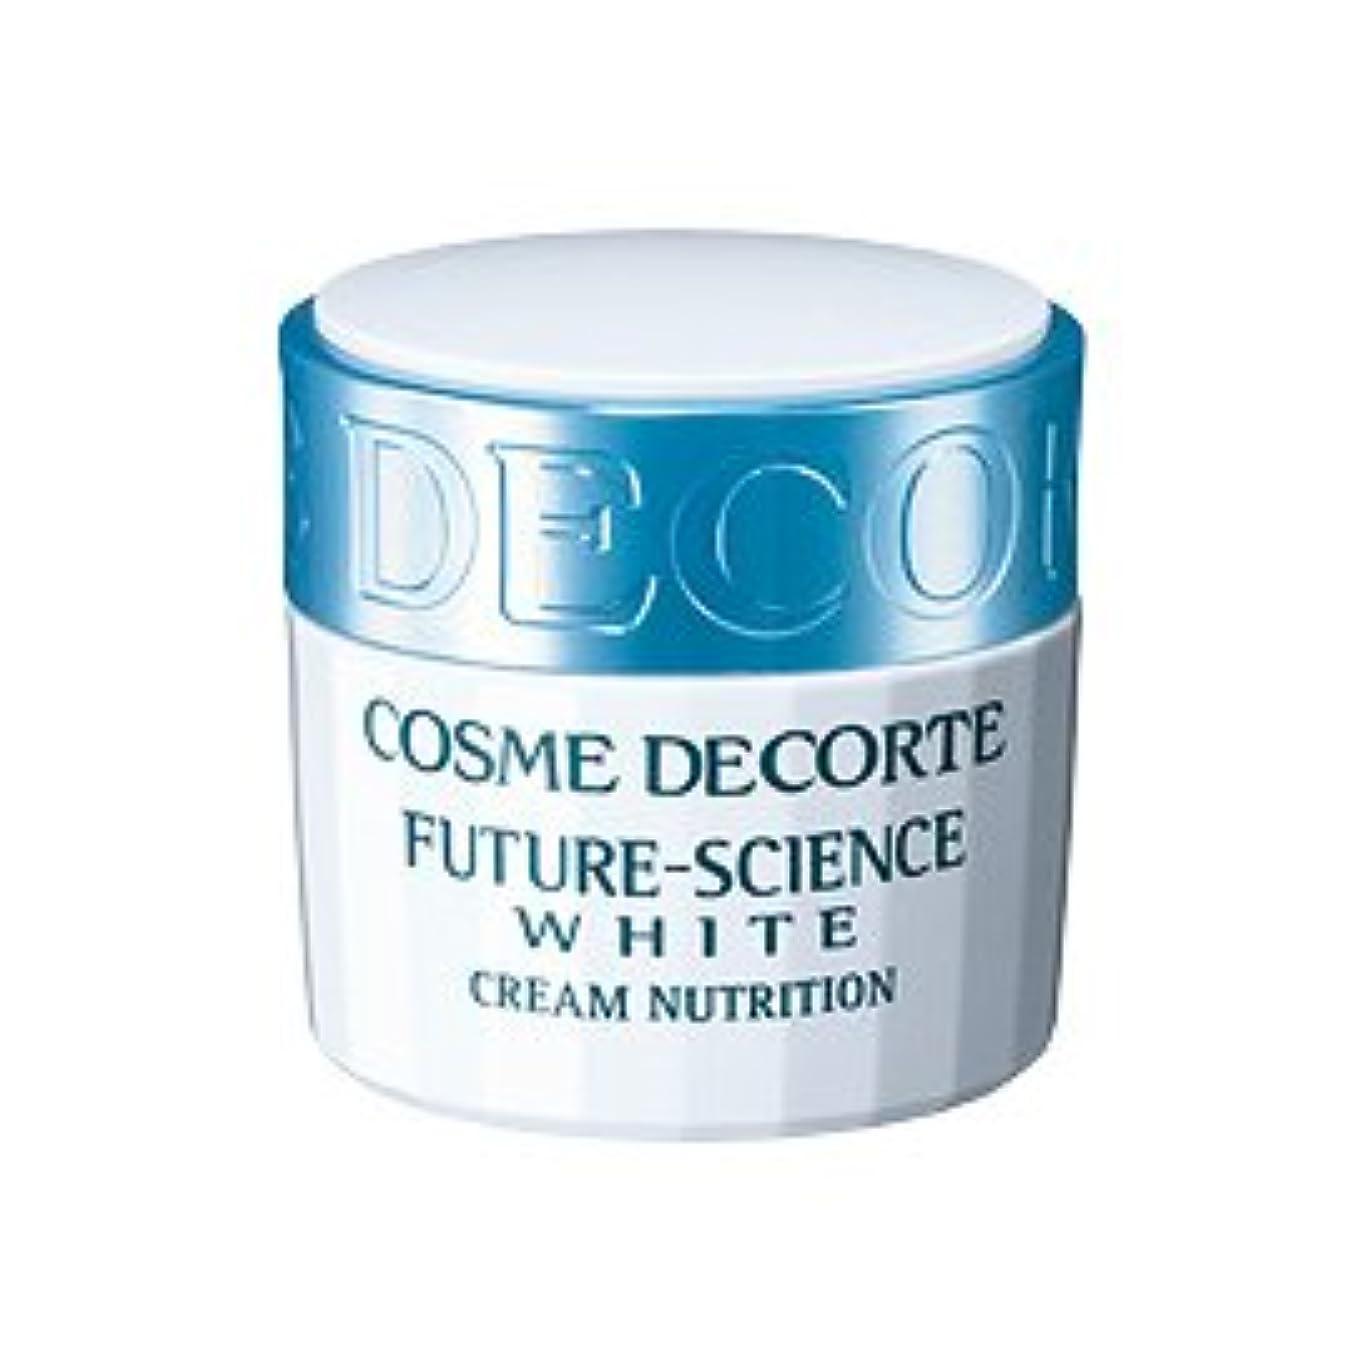 圧縮された幻想シルエットCOSME DECORTE コスメ デコルテ フューチャー サイエンス ホワイト クリーム ニュートリション 40g [並行輸入品]